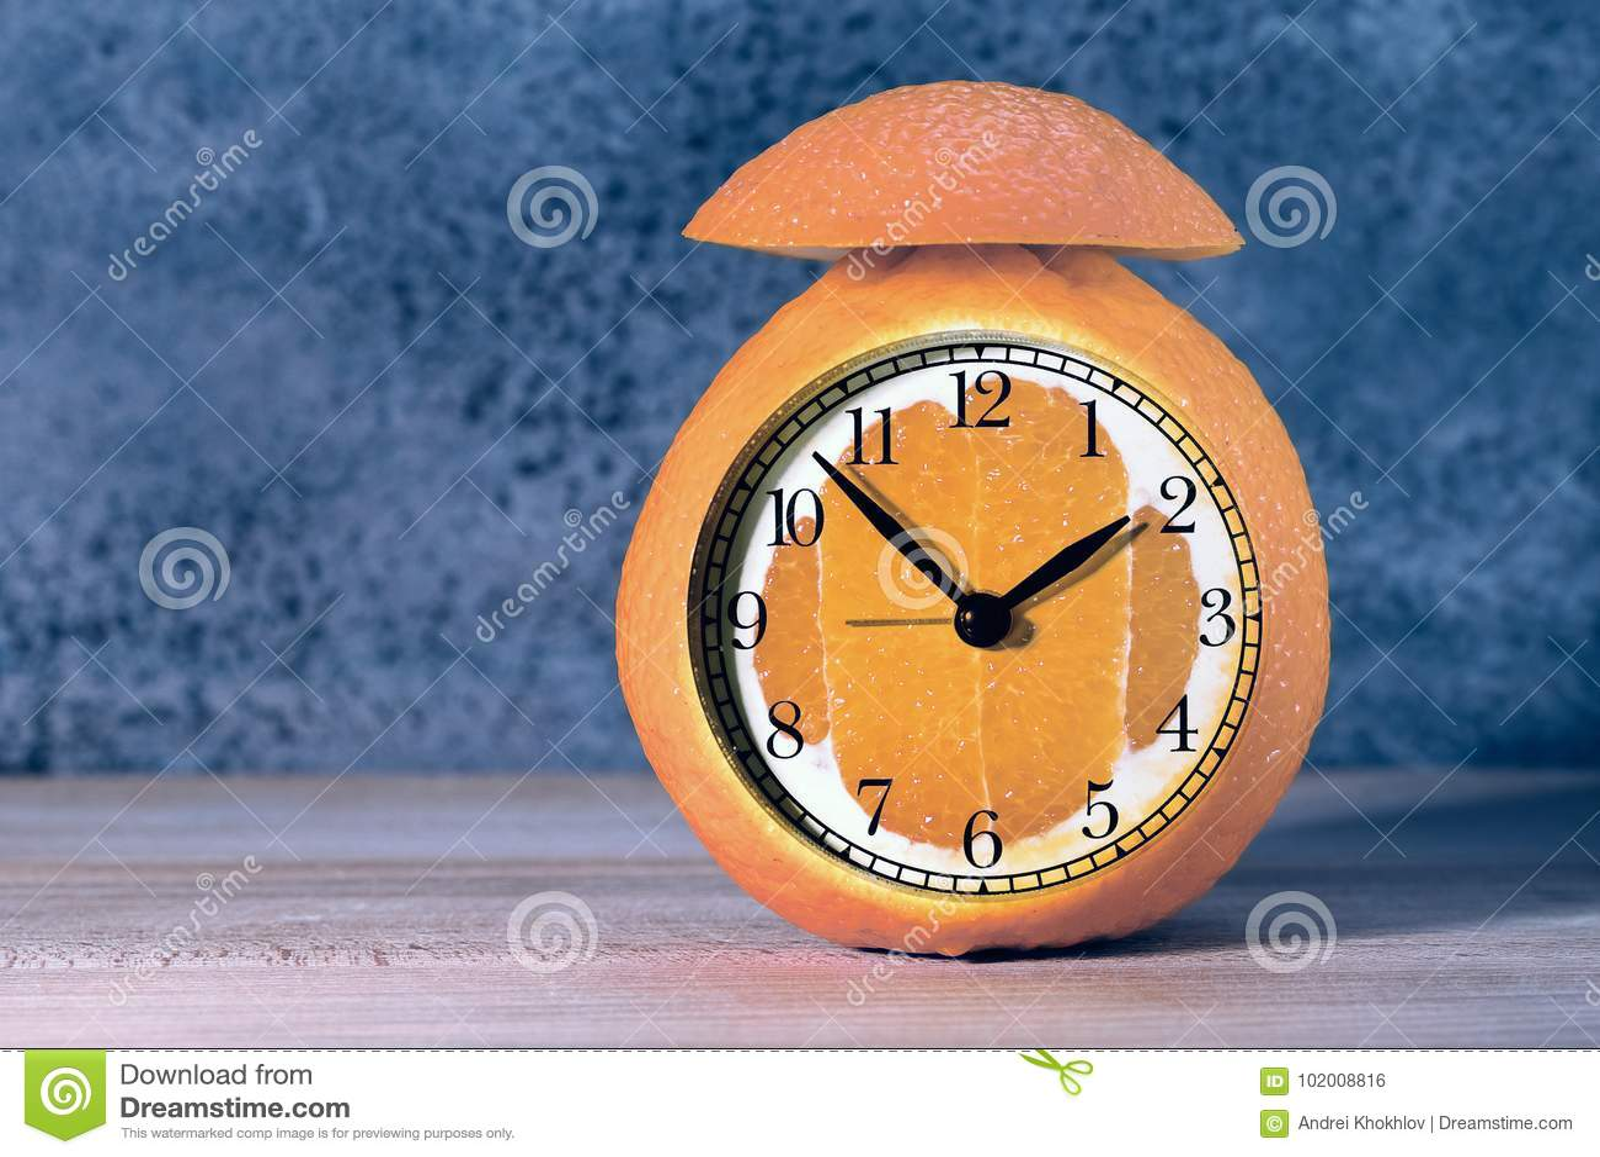 Alarm Clock Made Of Orange Fruit Stock Photo - Image of gold